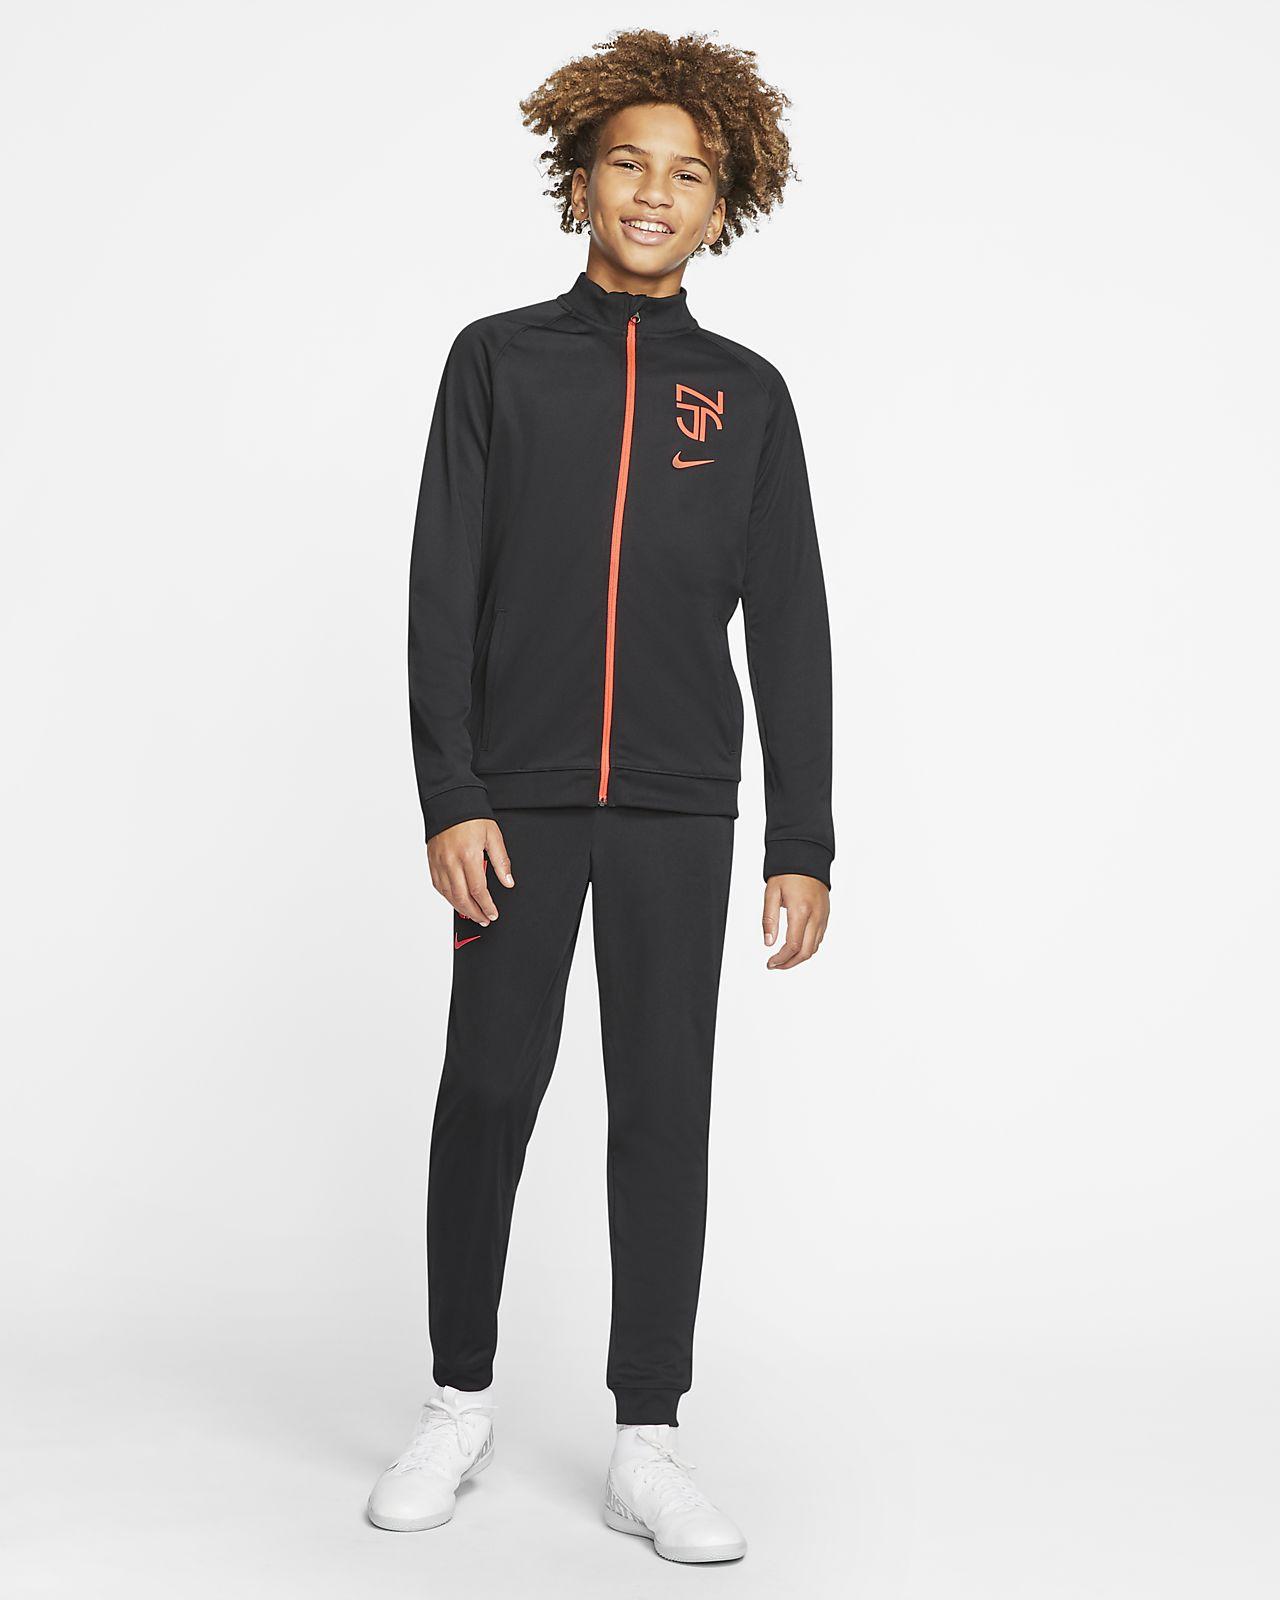 Nike Dri FIT Neymar Jr. fotballtracksuit til store barn